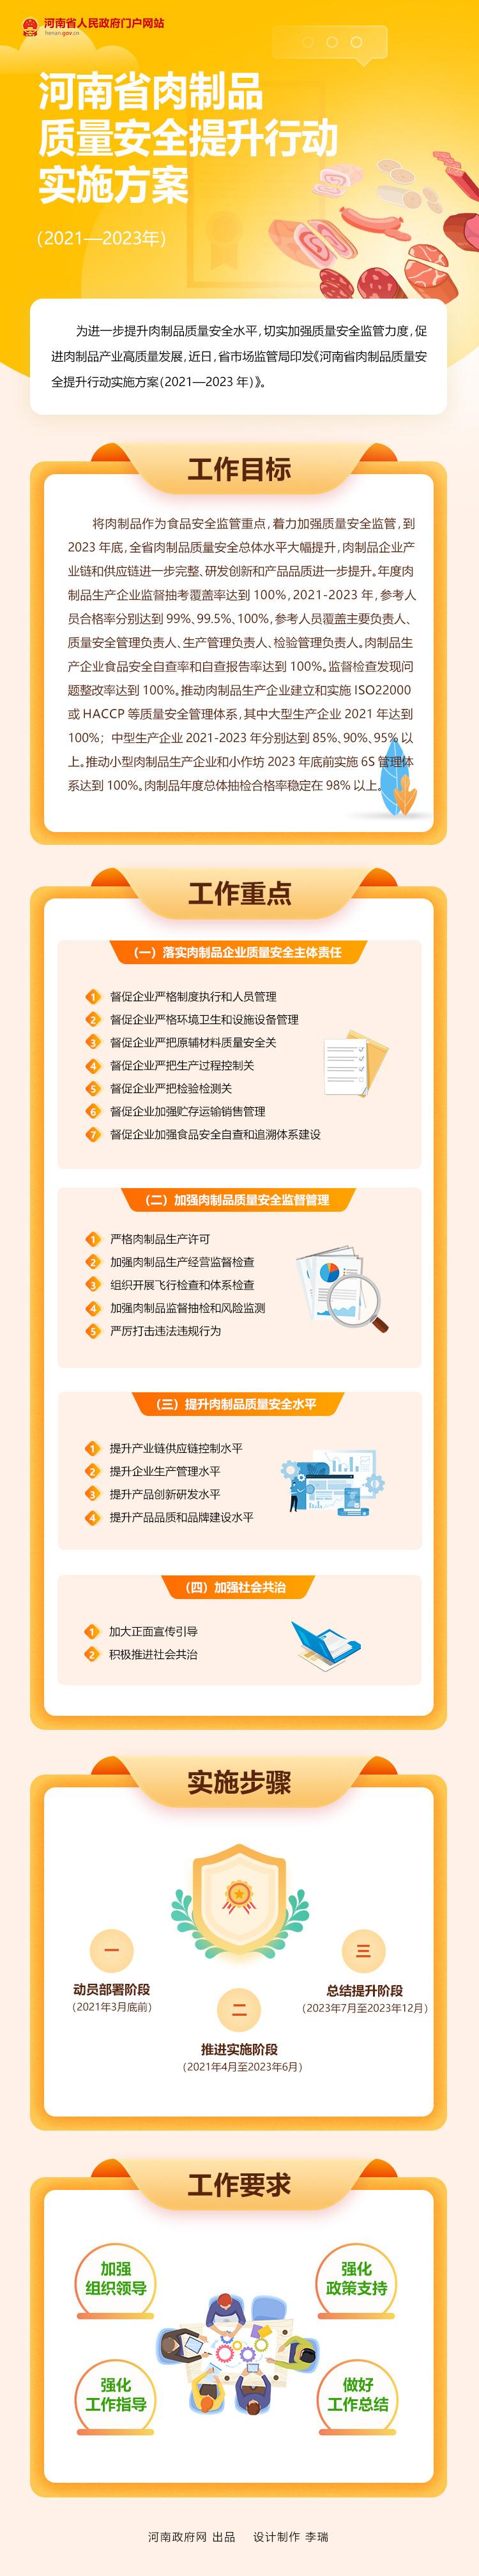 图解:河南省肉制品质量安全提升行动实施方案(2021—2023年)